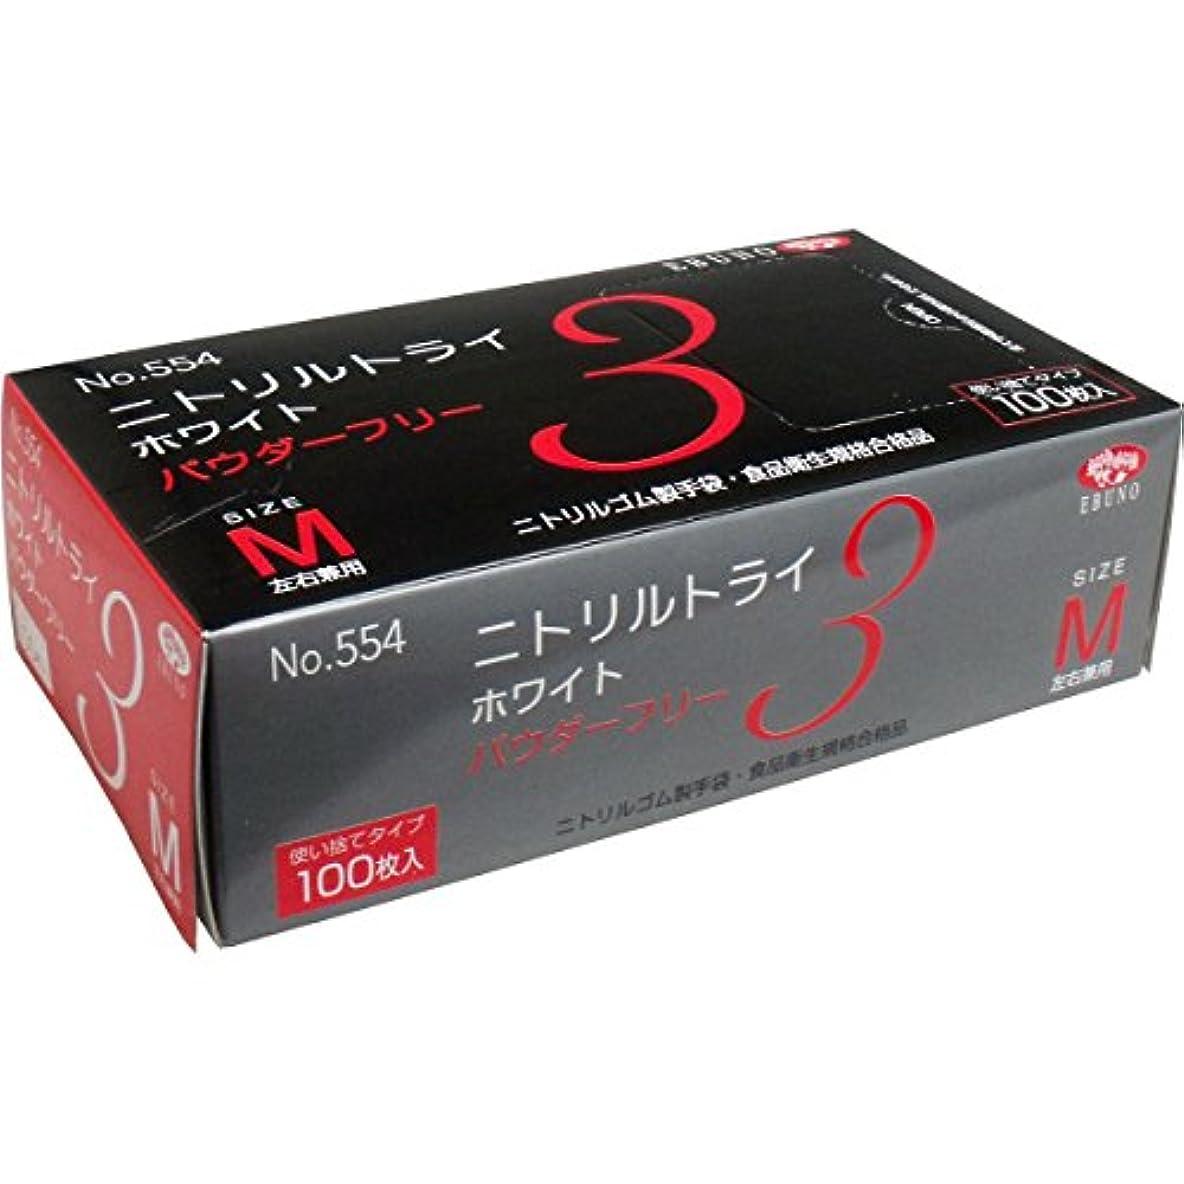 ひもカートン見習いニトリルトライ3 手袋 ホワイト パウダーフリー Mサイズ 100枚入(単品)